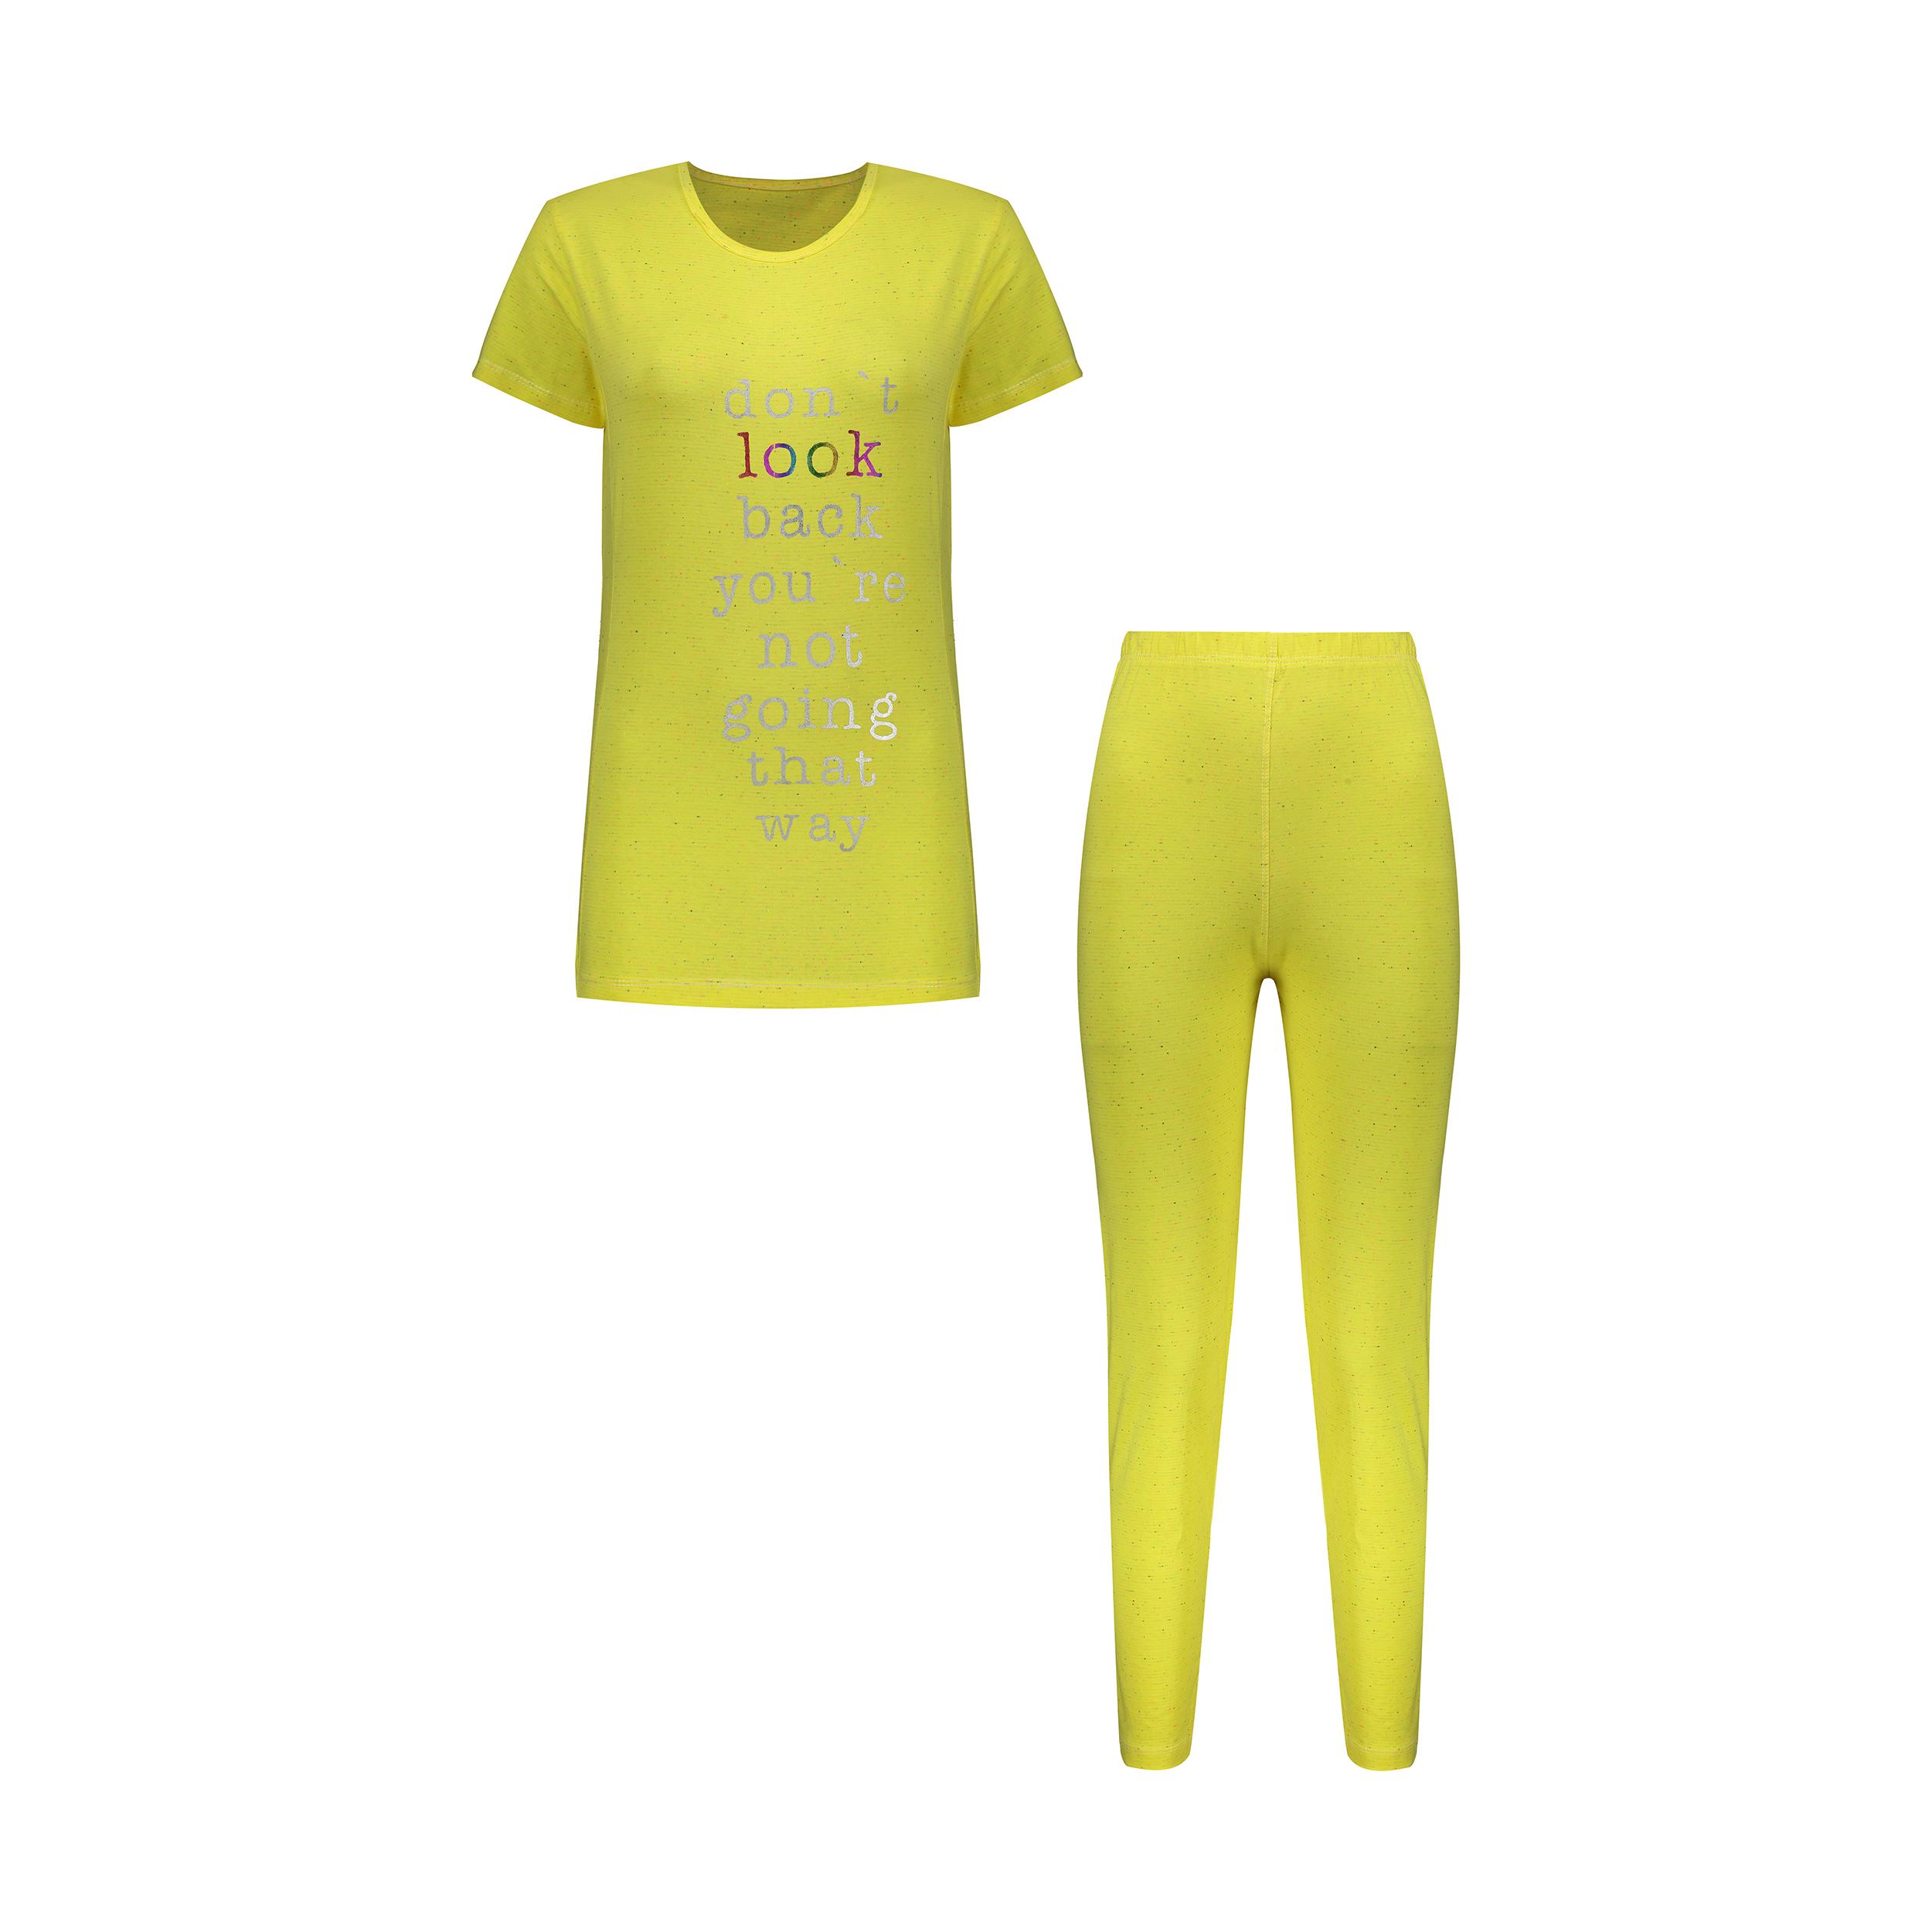 ست تی شرت و لگینگ زنانه مدل 358235210